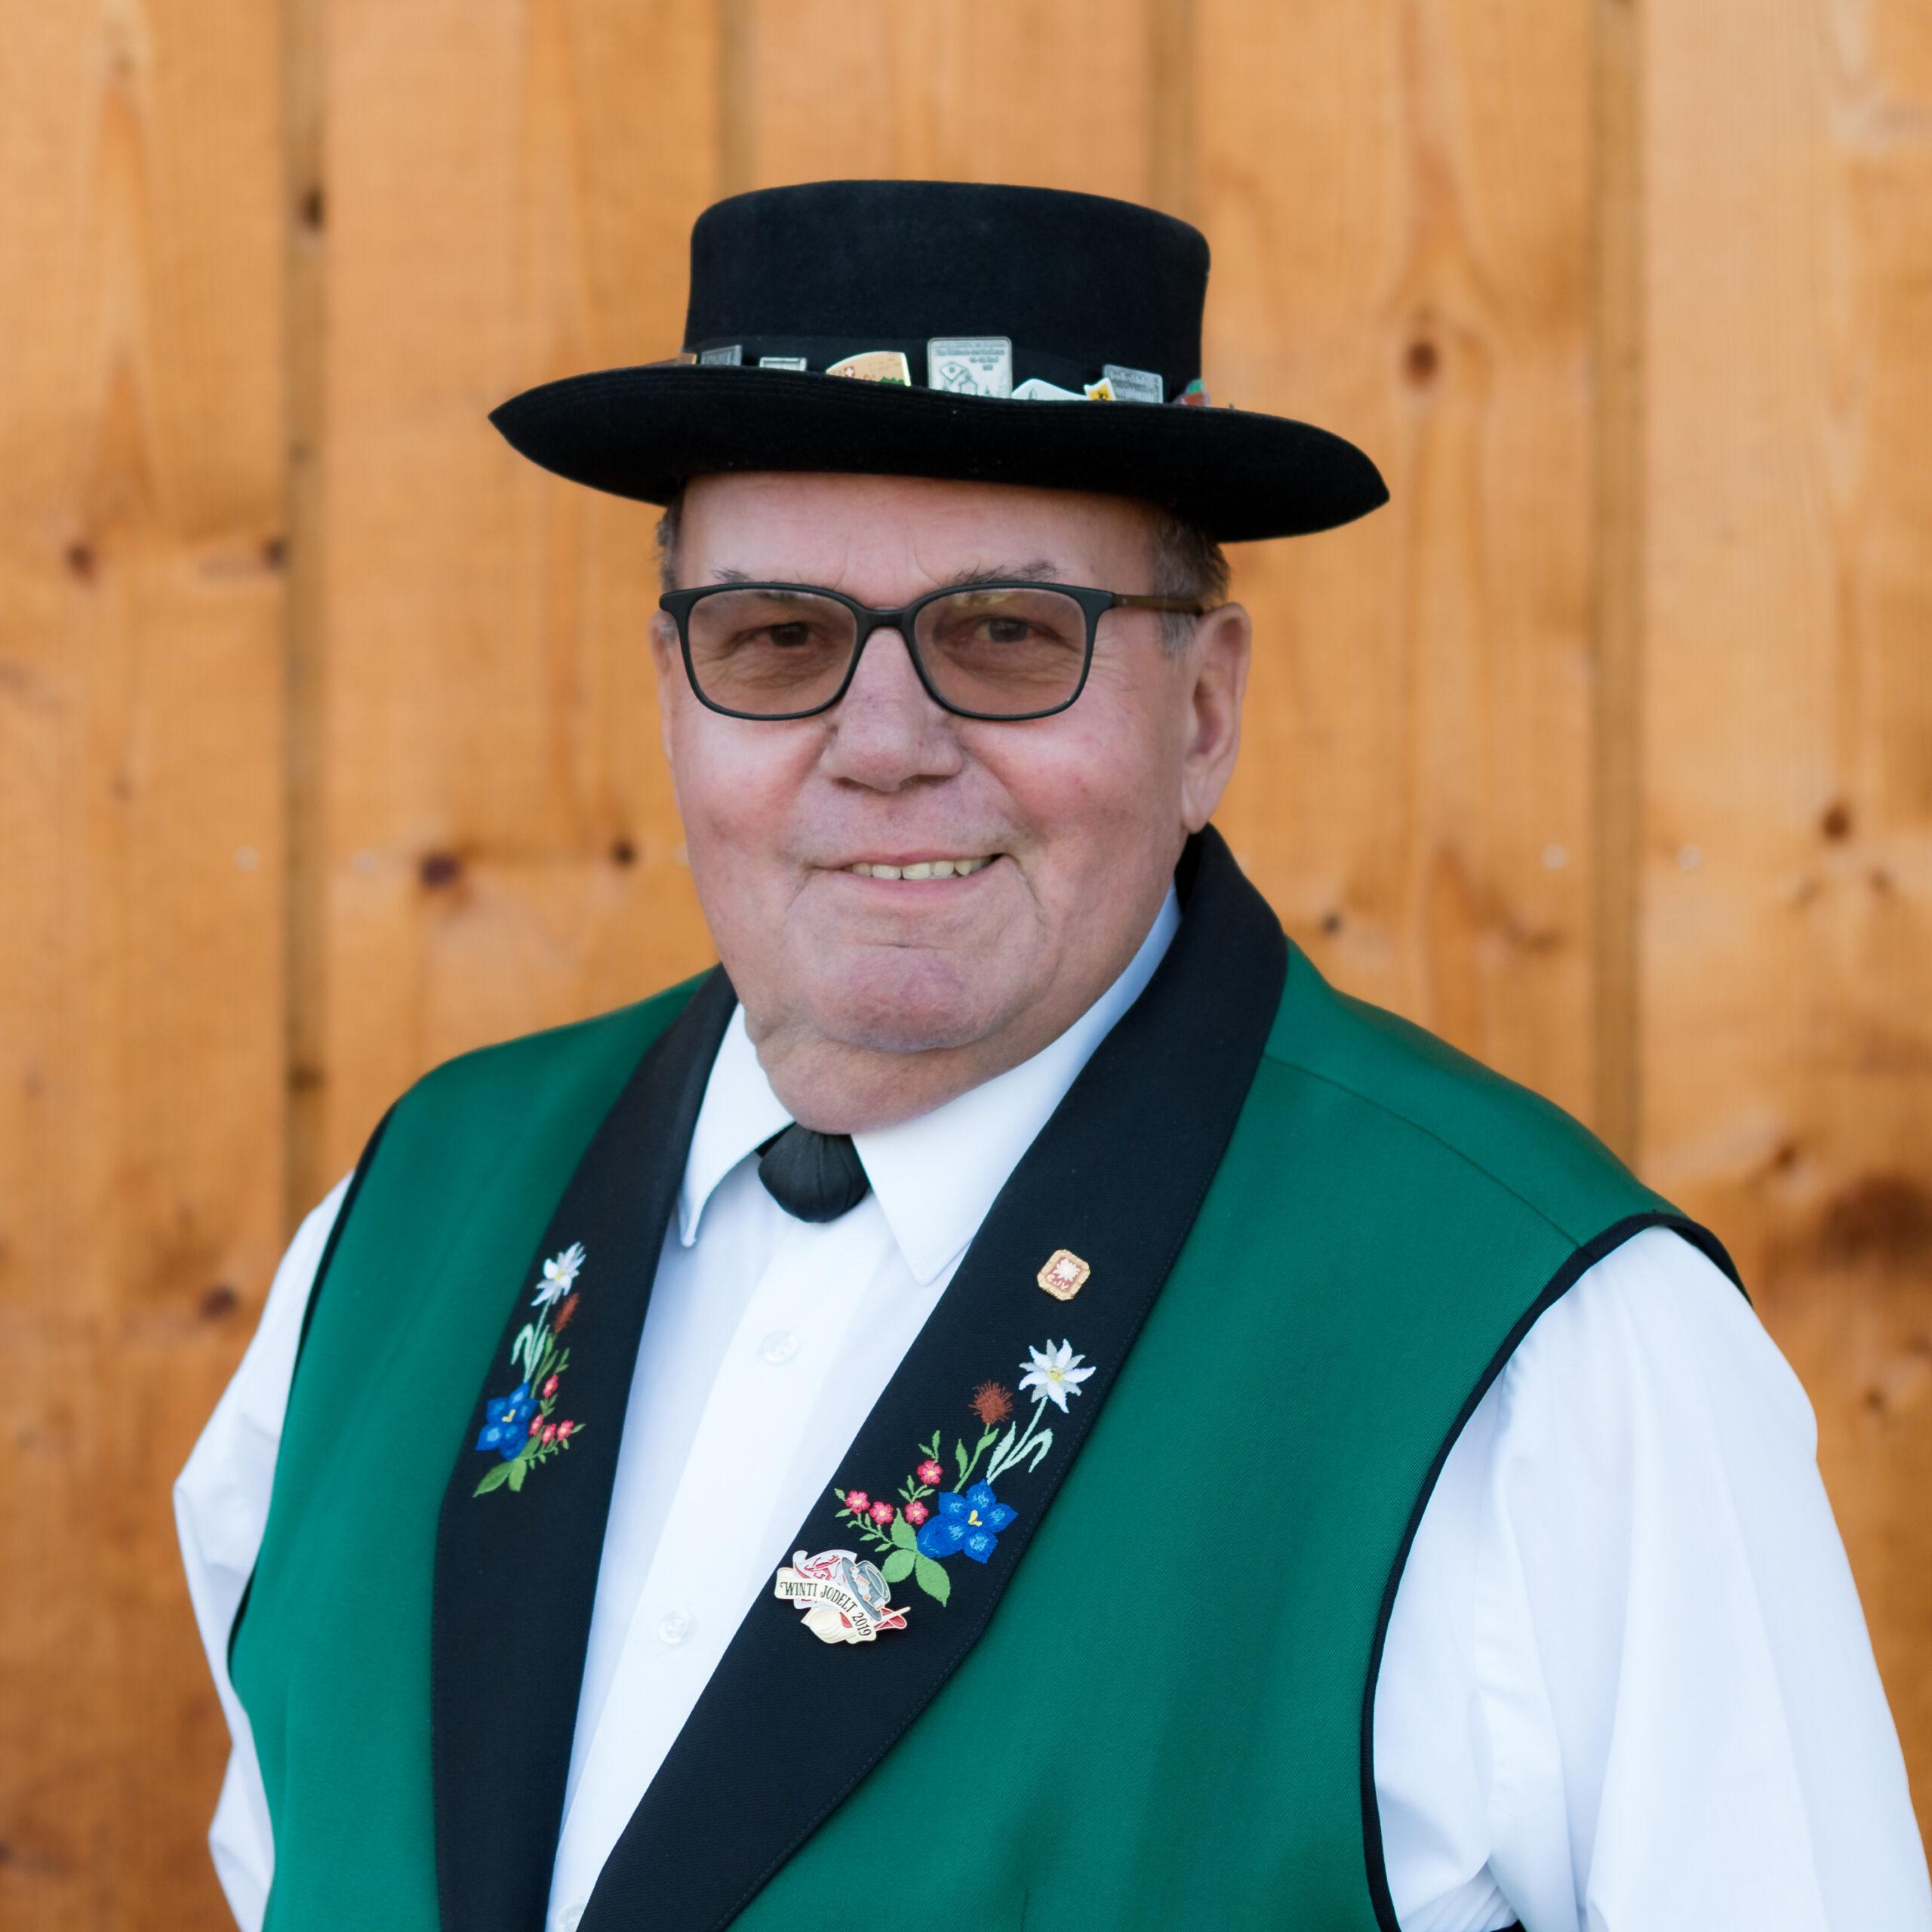 Pius Gähler